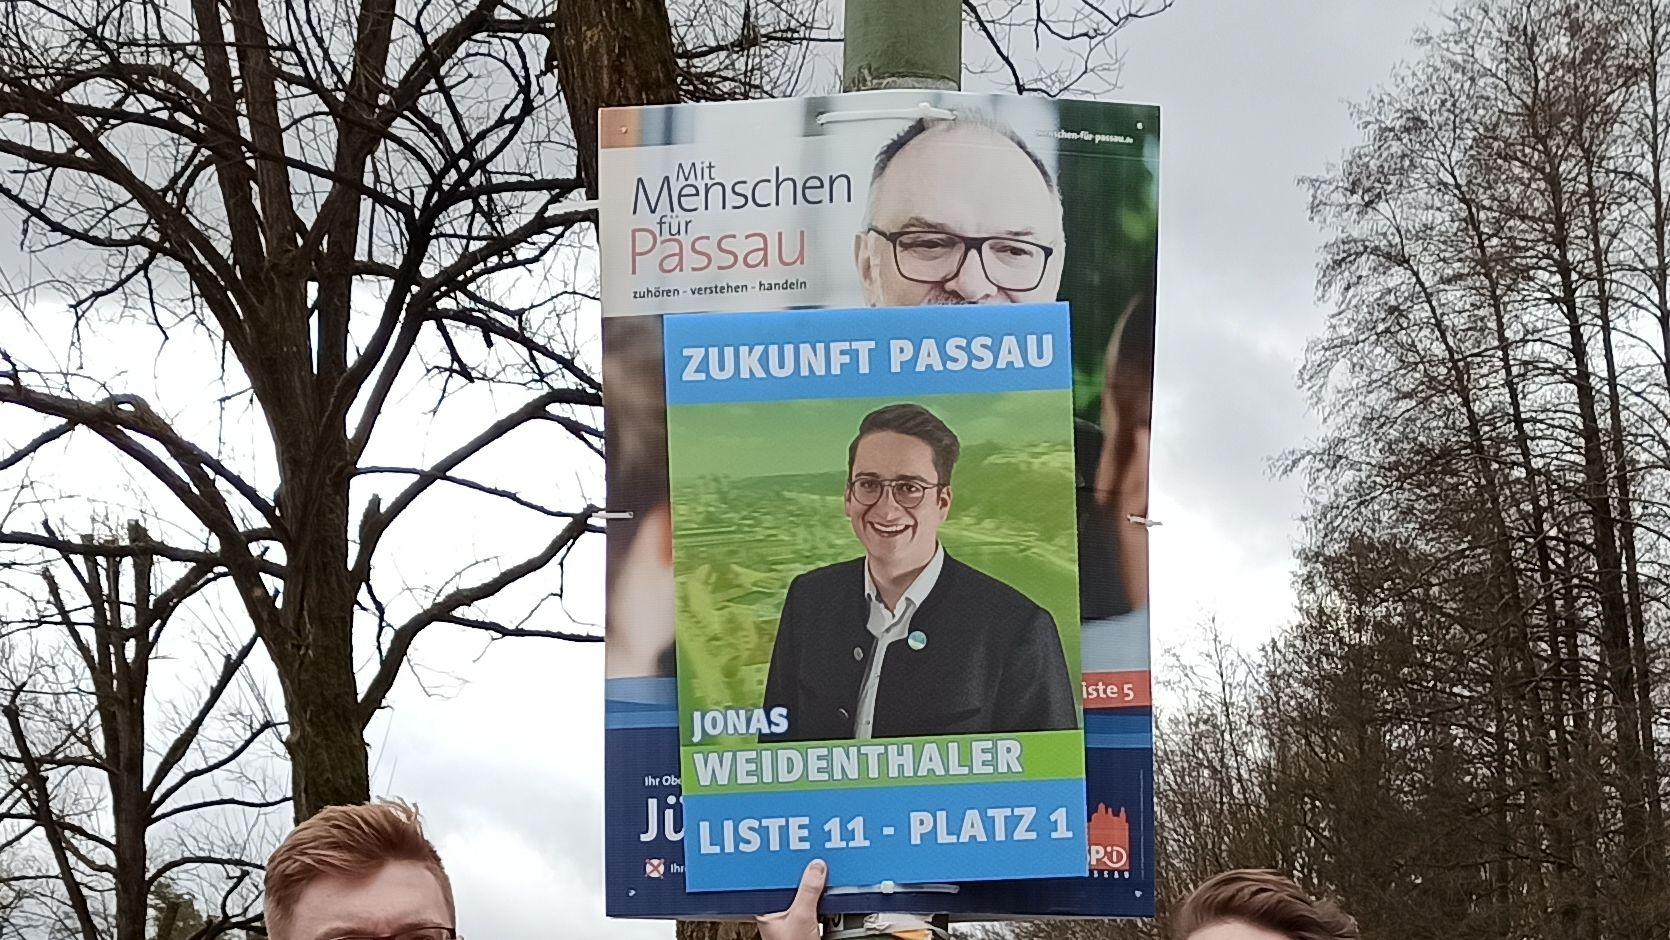 Zukunft Passau darf zur Kommunalwahl nun doch im DIN A2 Format  plakatieren. Das hat das Verwaltungsgericht Regensburg entschieden.